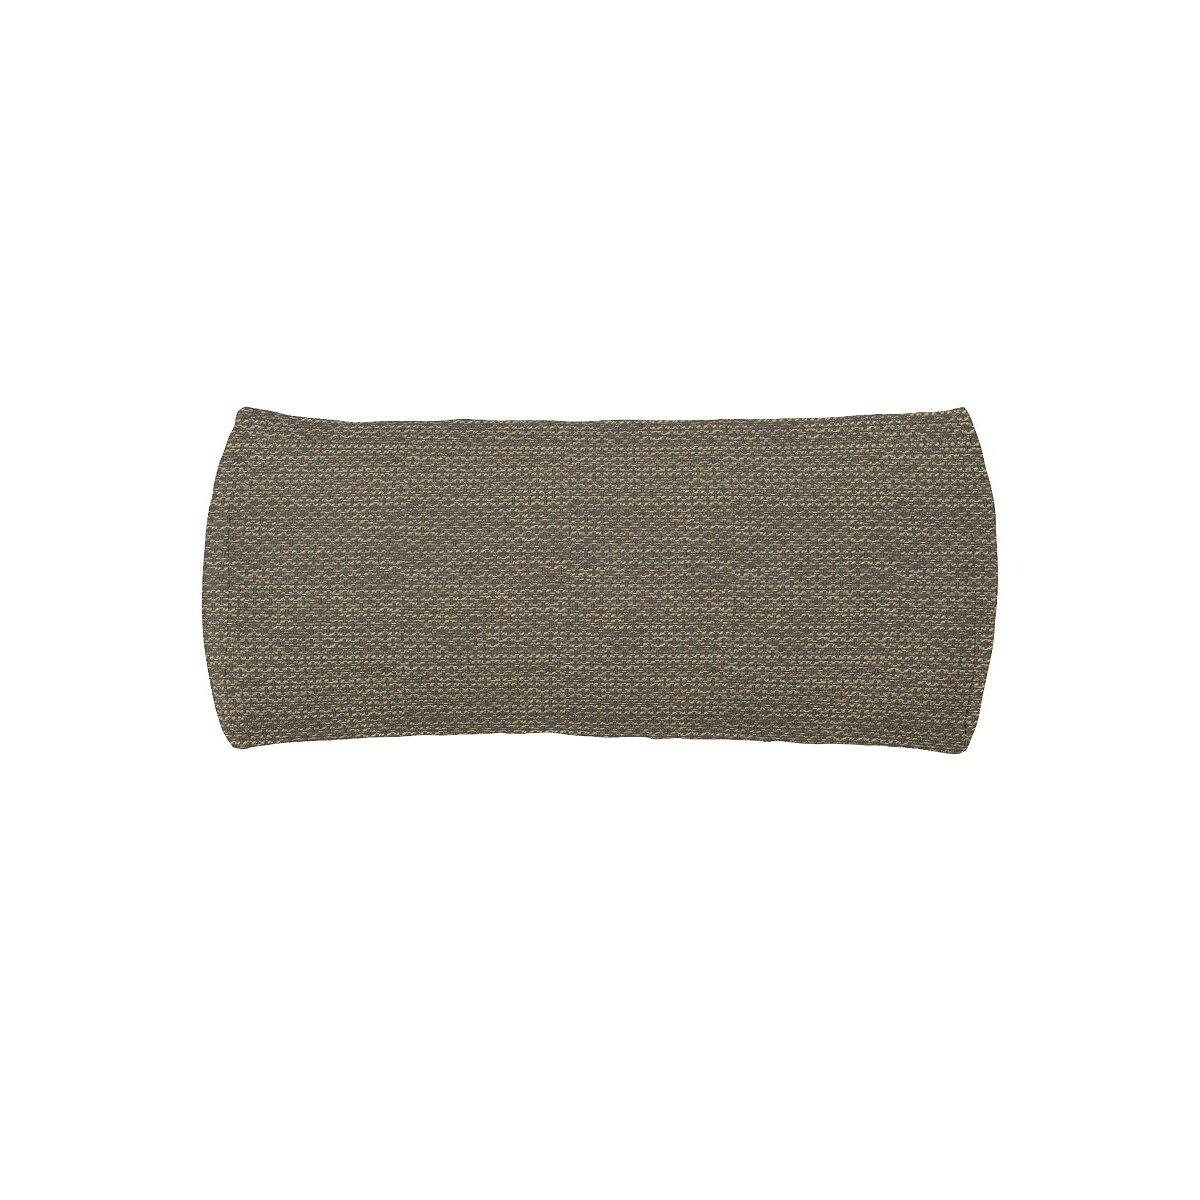 Tropitone Chaise Headrest Bolster Pillow Wayfair Ca